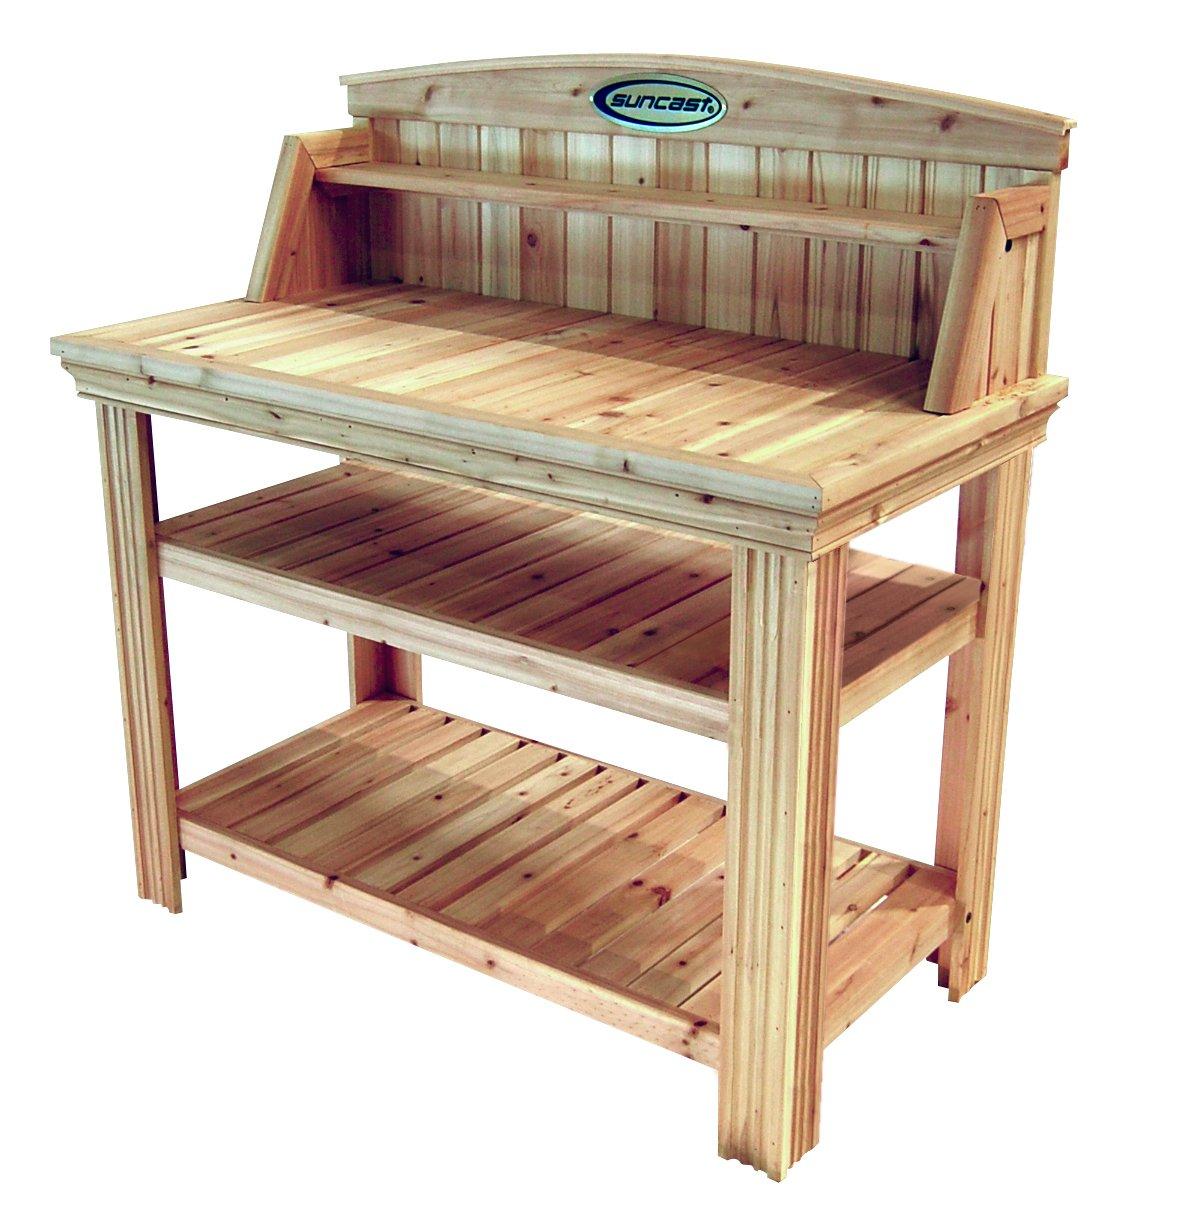 Amazoncom Suncast PT4500 Cedar Potting